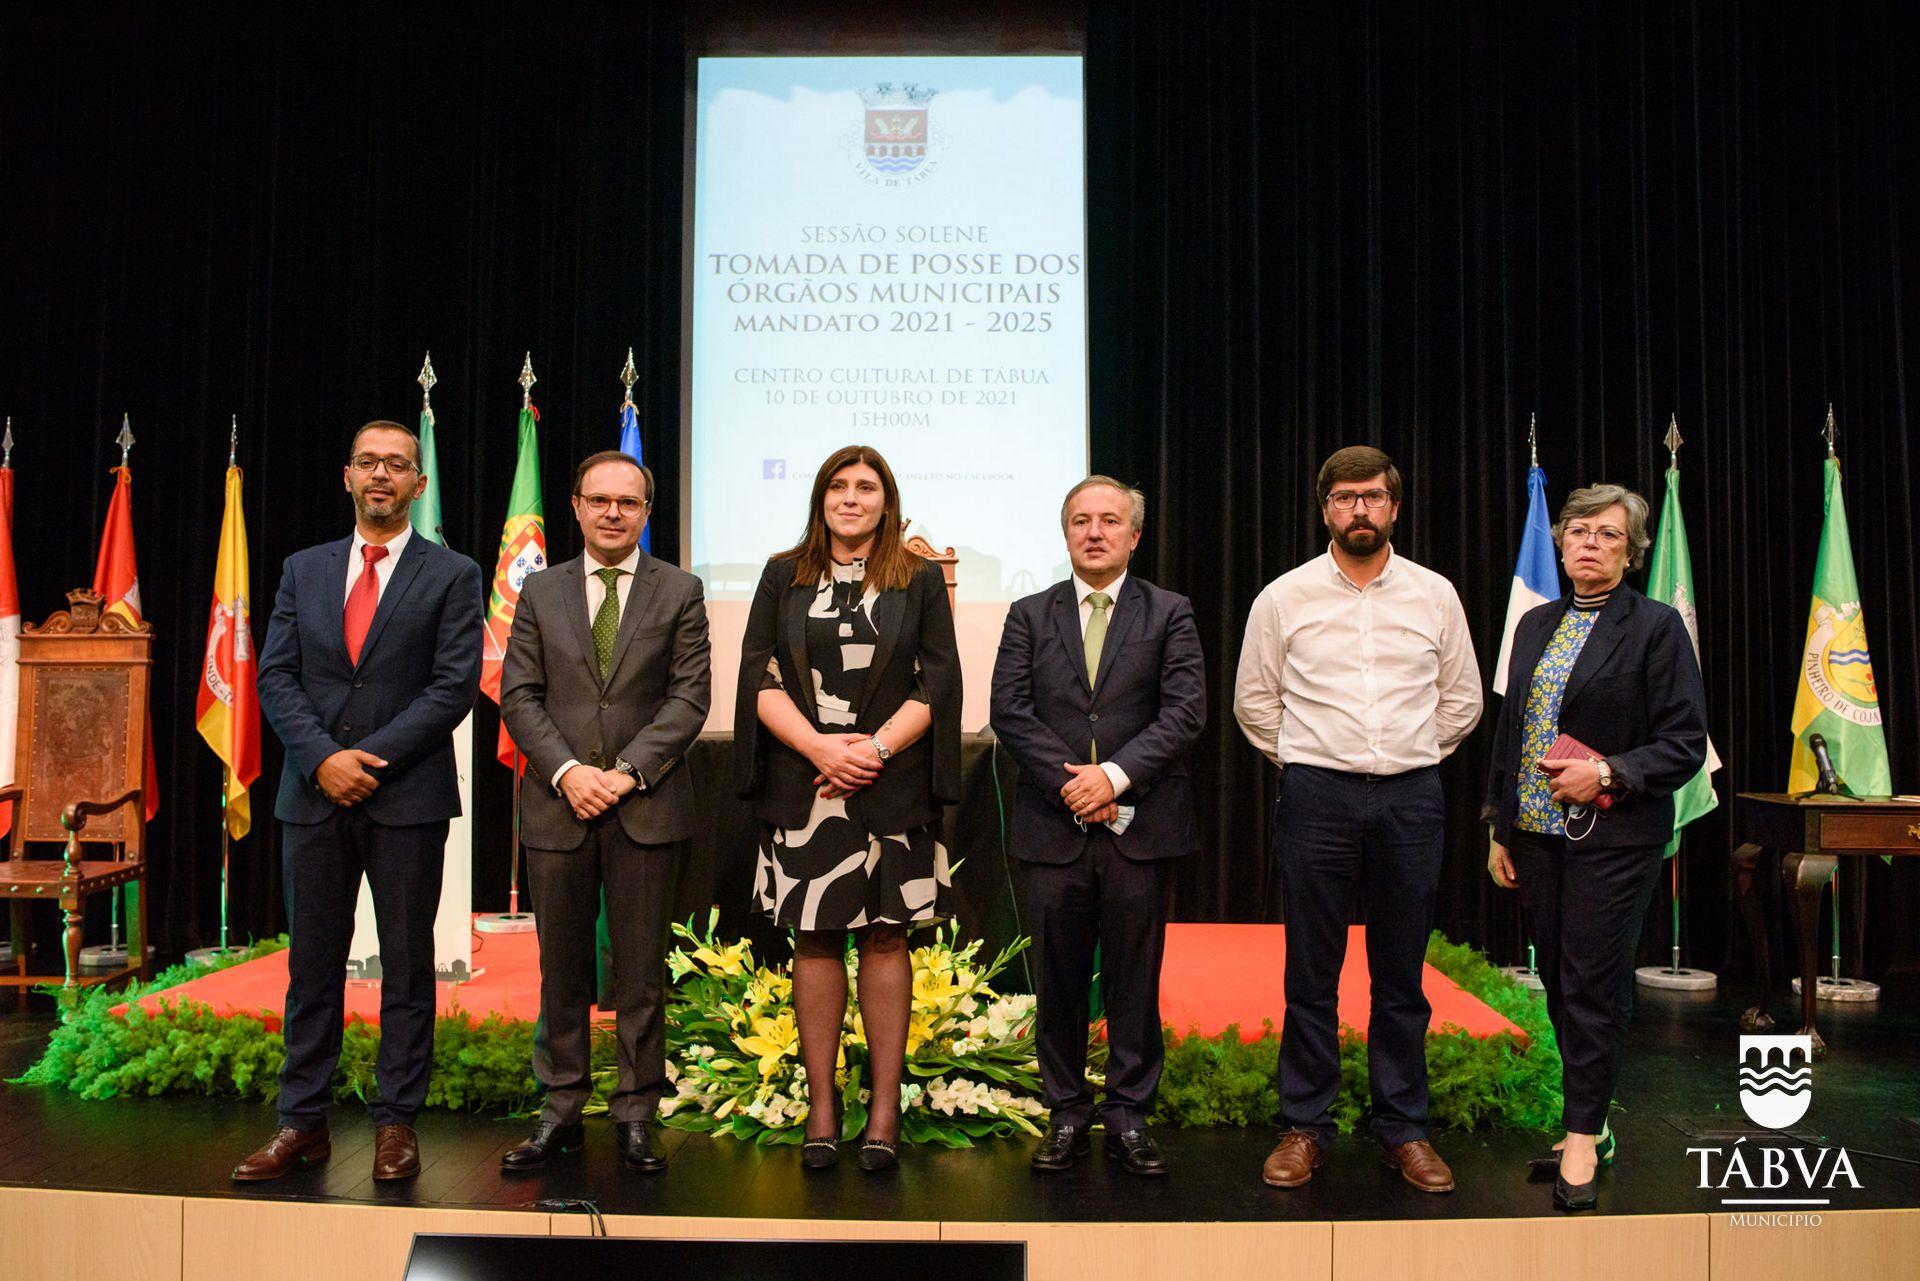 (Português) Novos Órgãos do Município de Tábua tomam posse em Sessão Solene